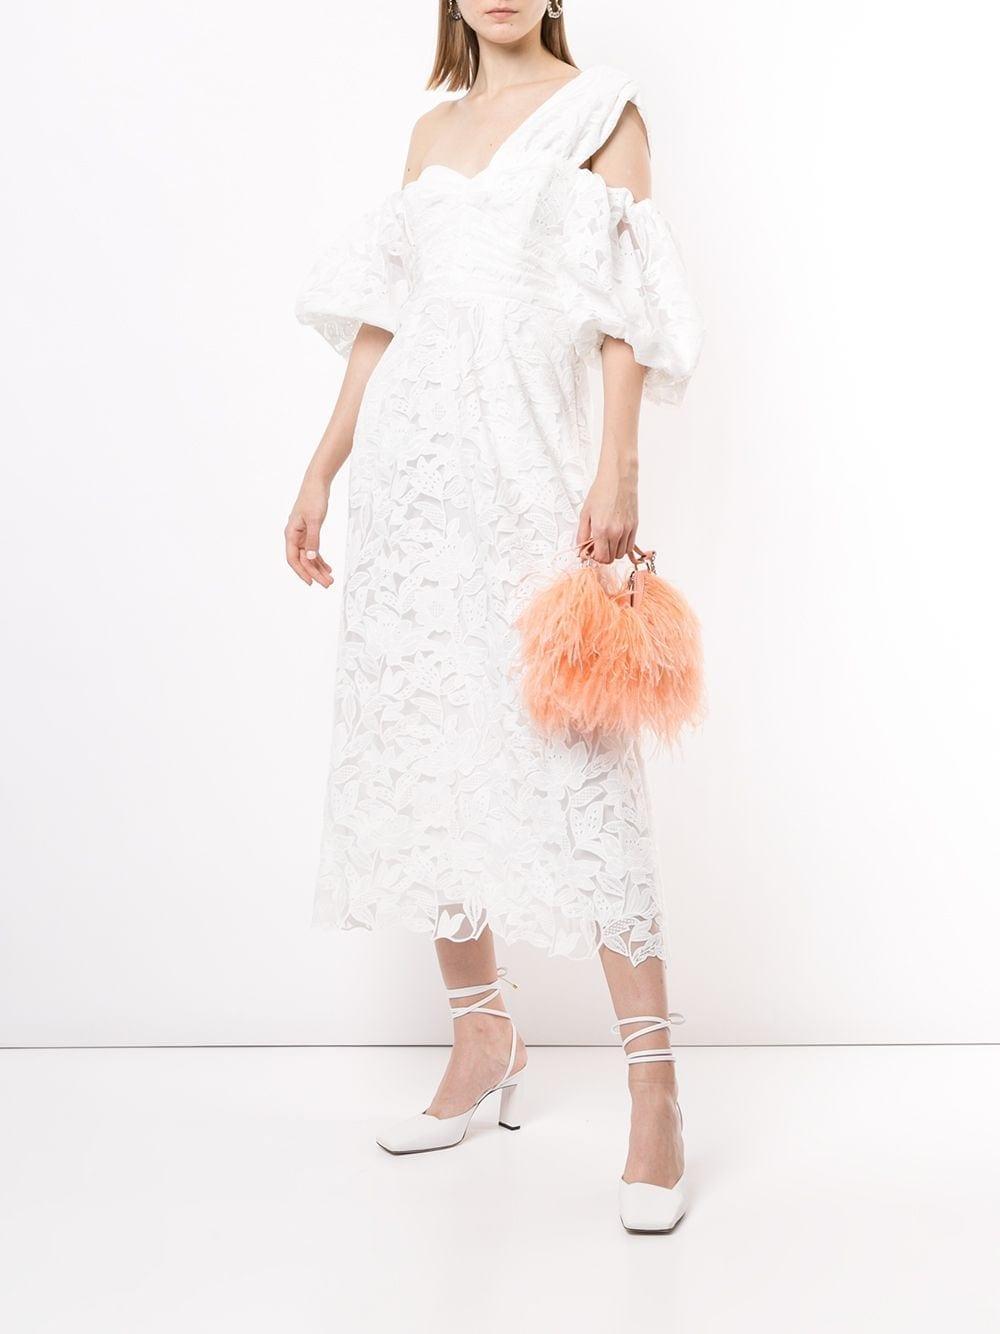 SELF-PORTRAIT One-shoulder Lace Dress